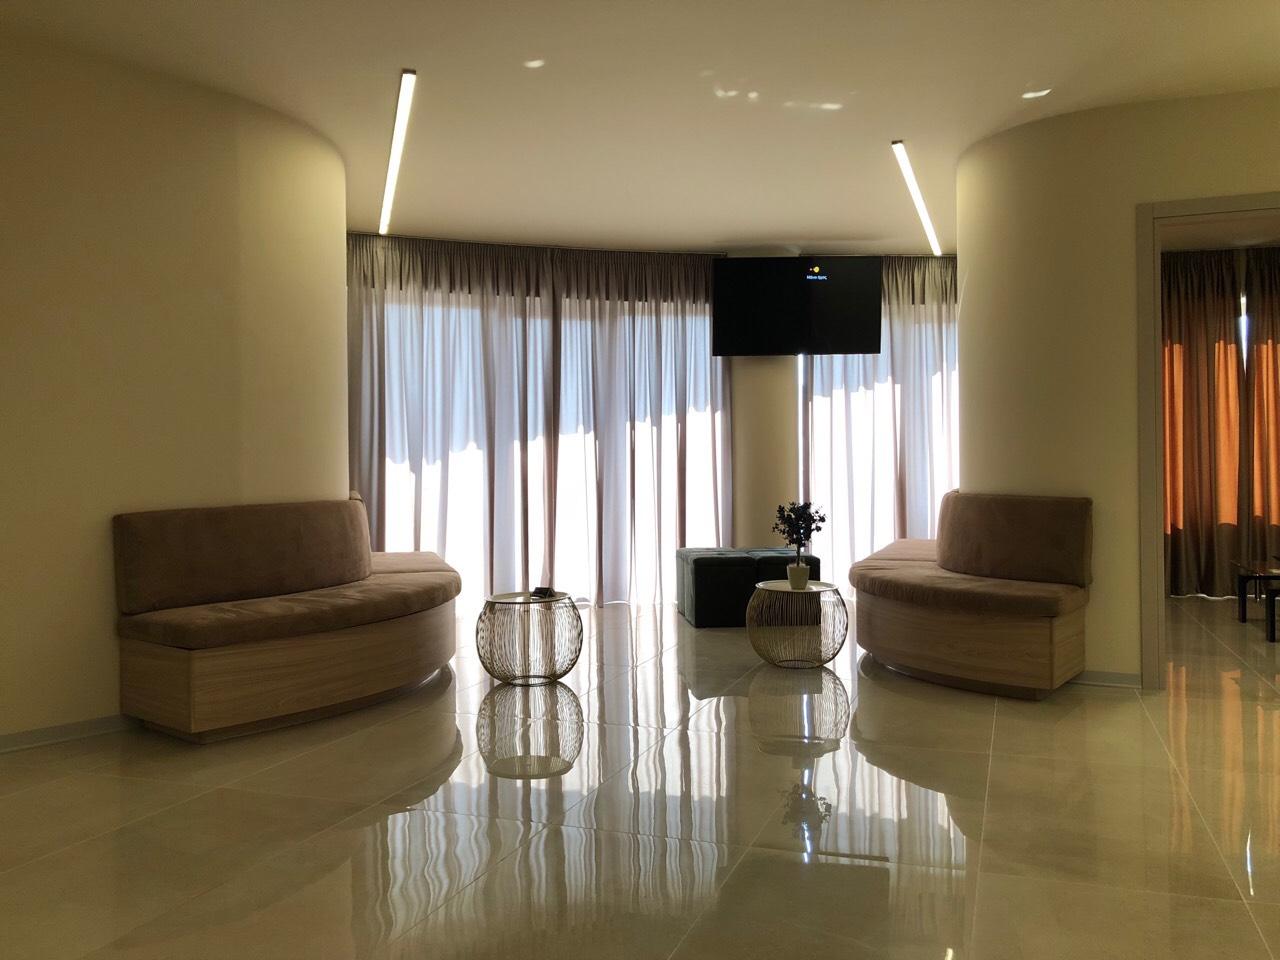 Αρχιτεκτονικός Σχεδιασμός OPUS & Κατασκευή Ινστιτούτου Αισθητικής I LOVE LASER στο Περιστέρι.